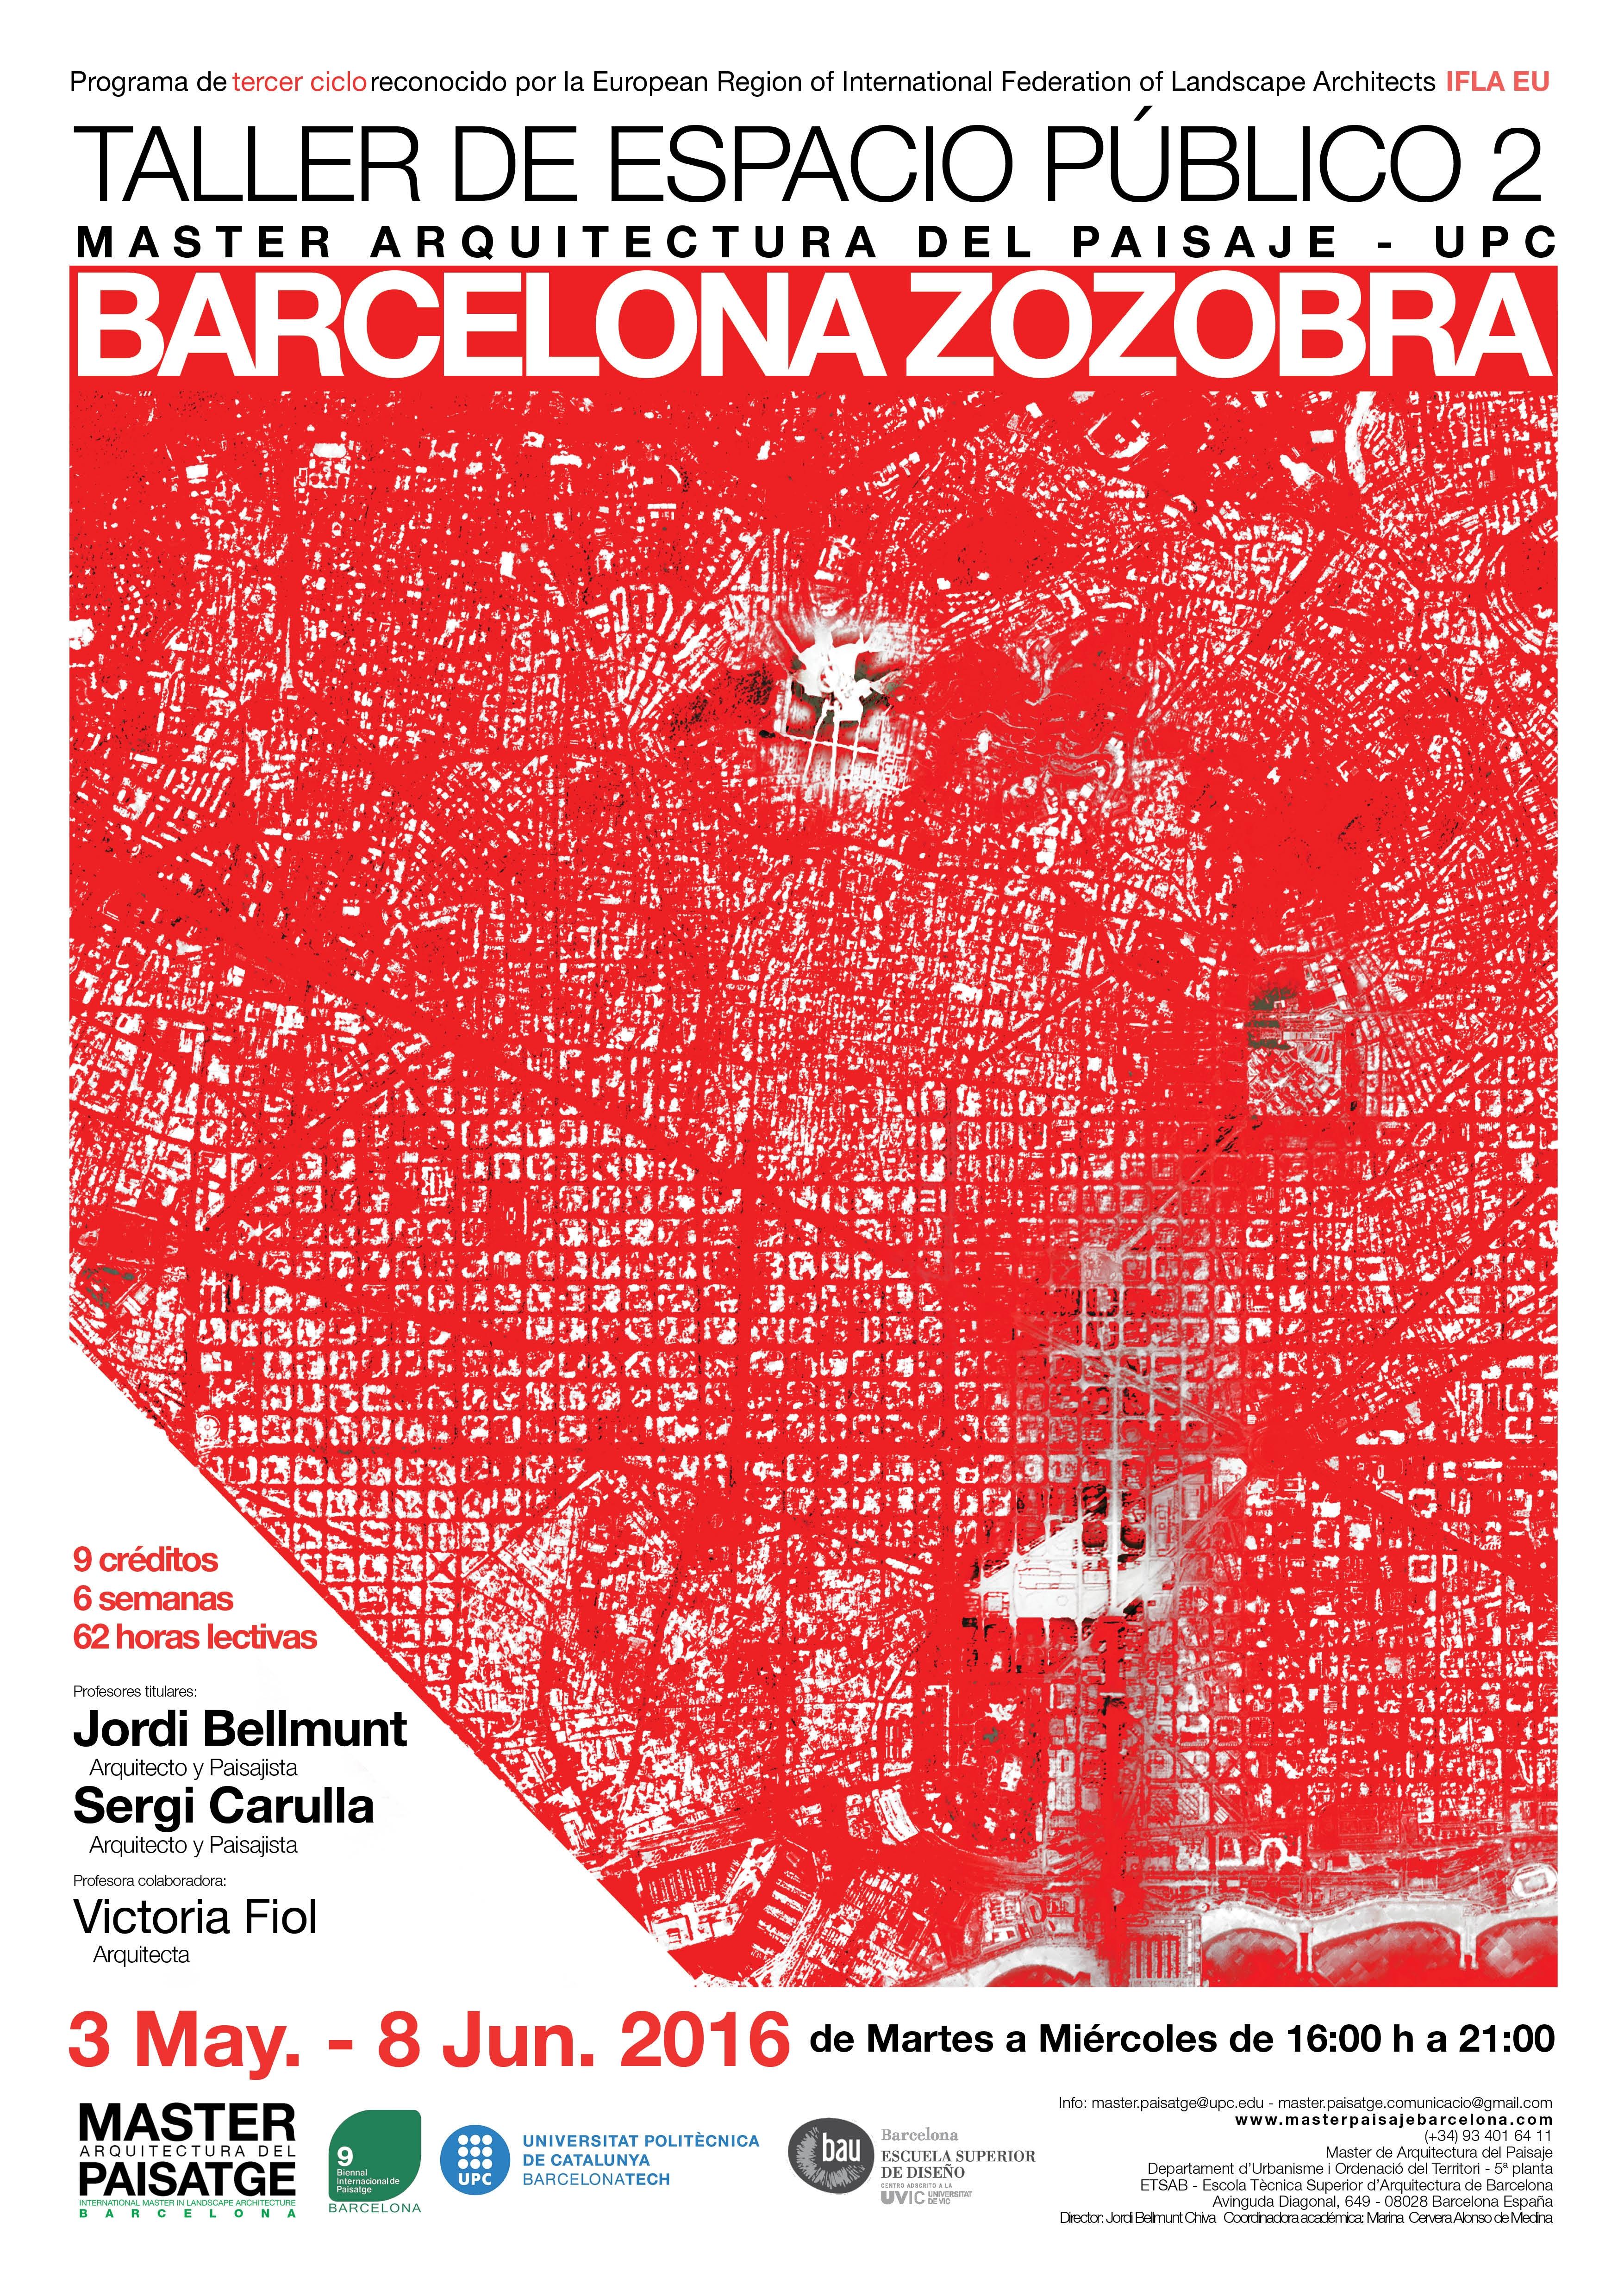 poster ESPACIO PUBLICO 2 15-16